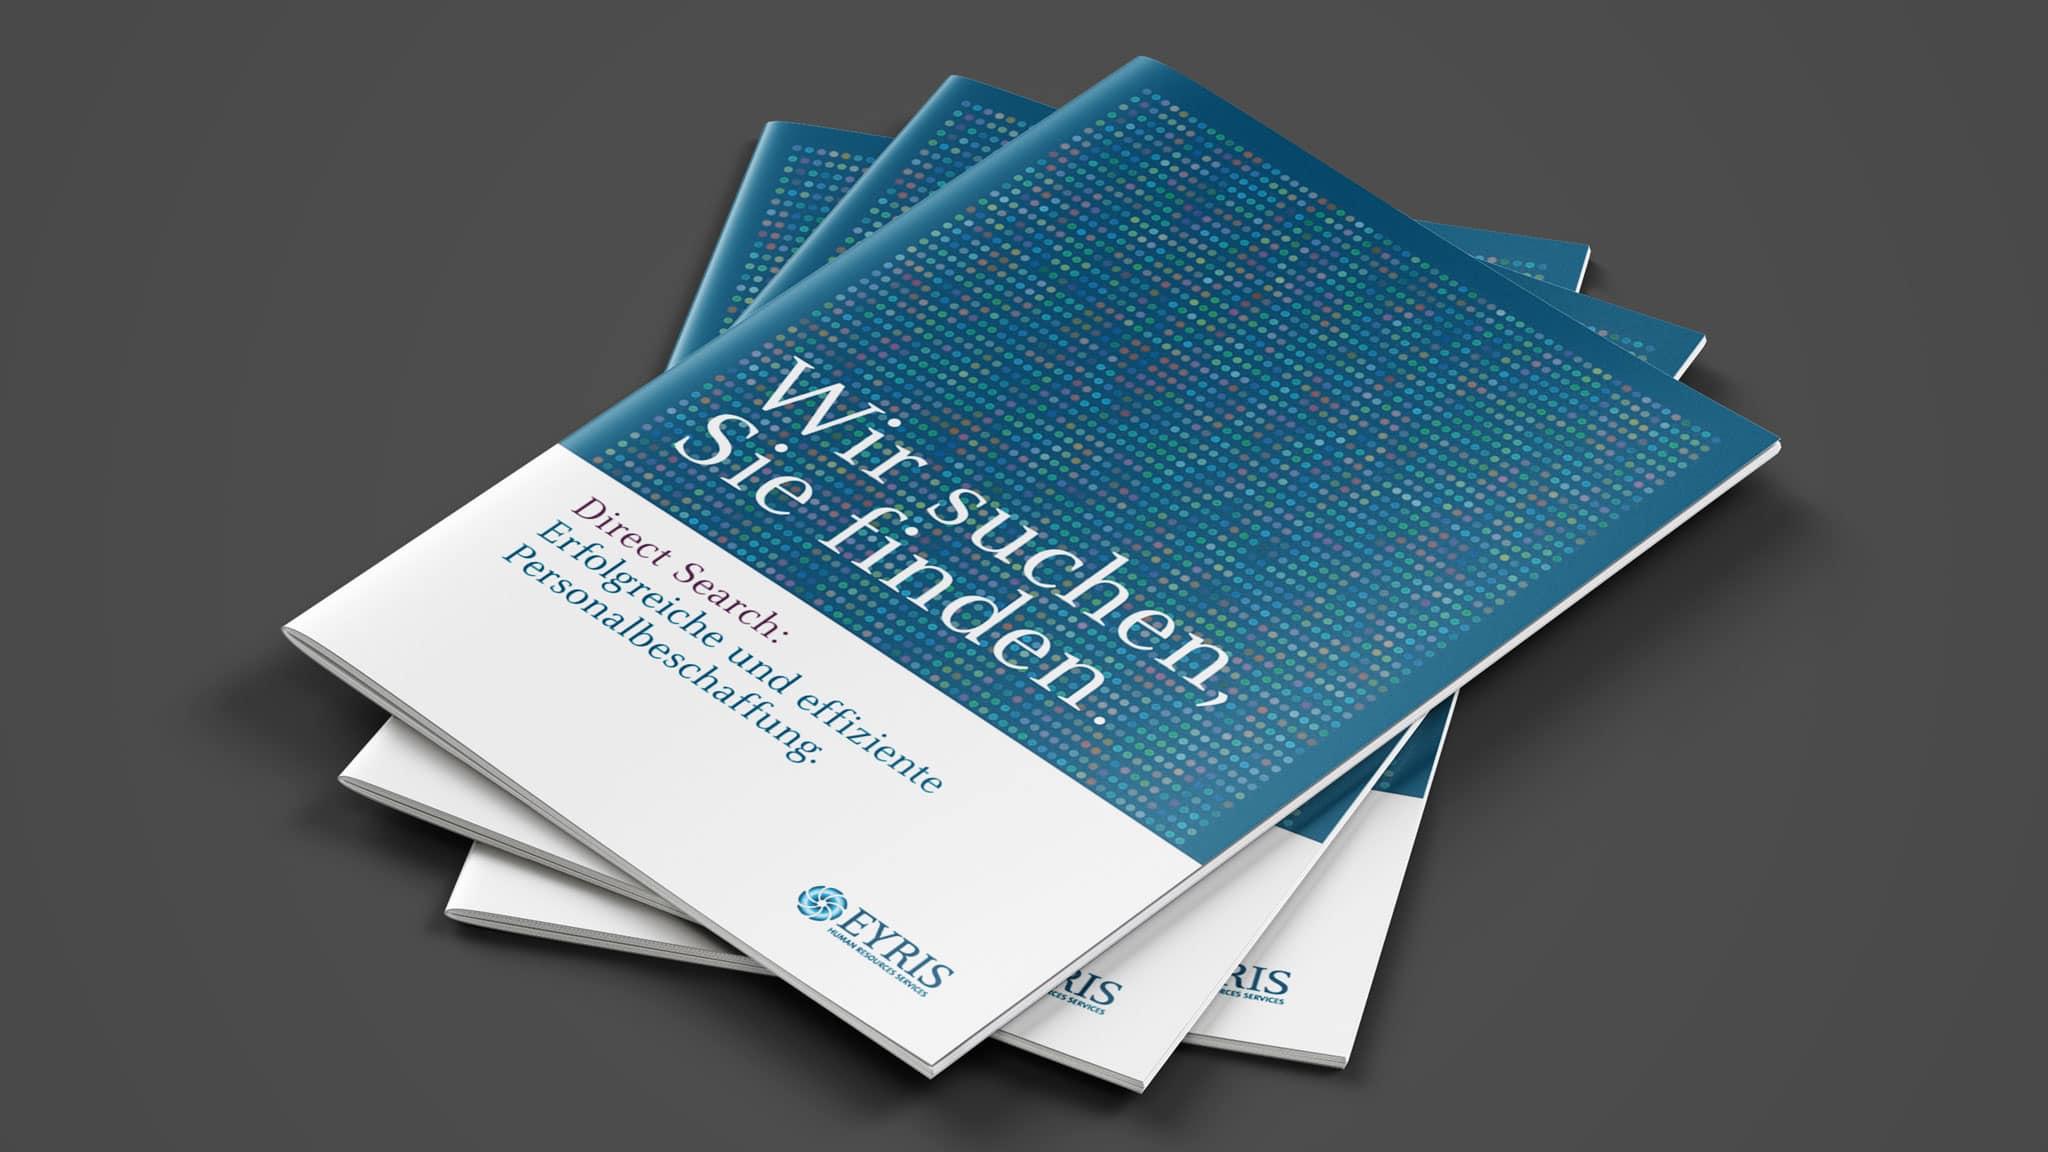 Titelgestaltung für eine Imagbroschüre